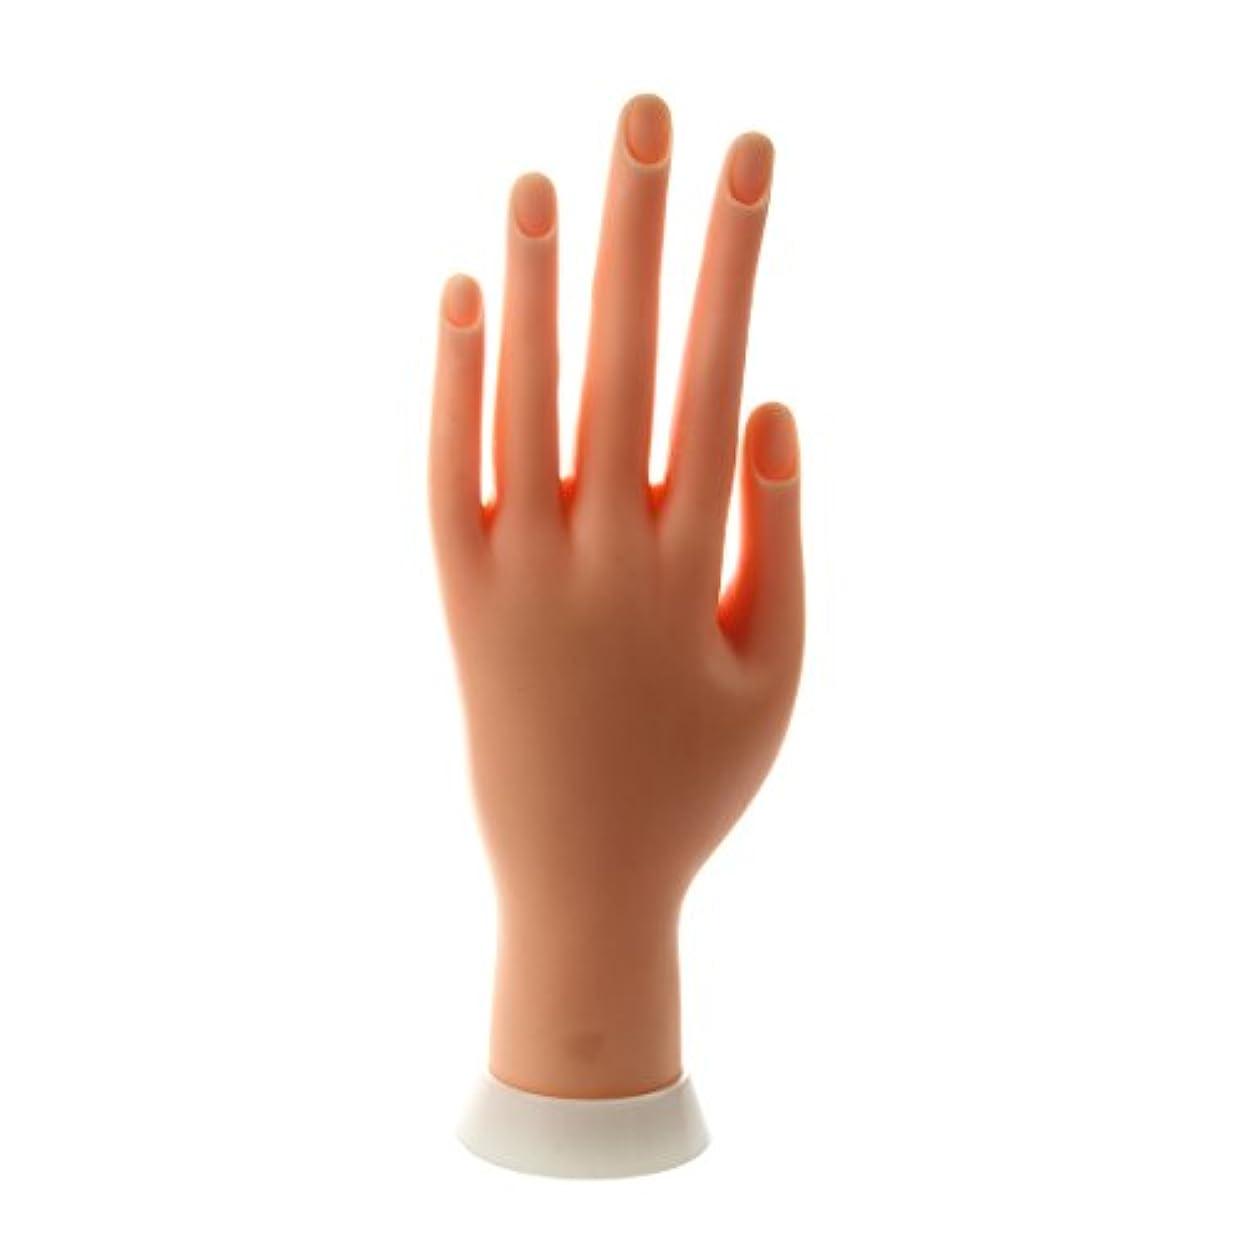 気取らない基礎理論いいねGaoominy Gaoominy(R) ネイルアートの練習のためのモデル左手